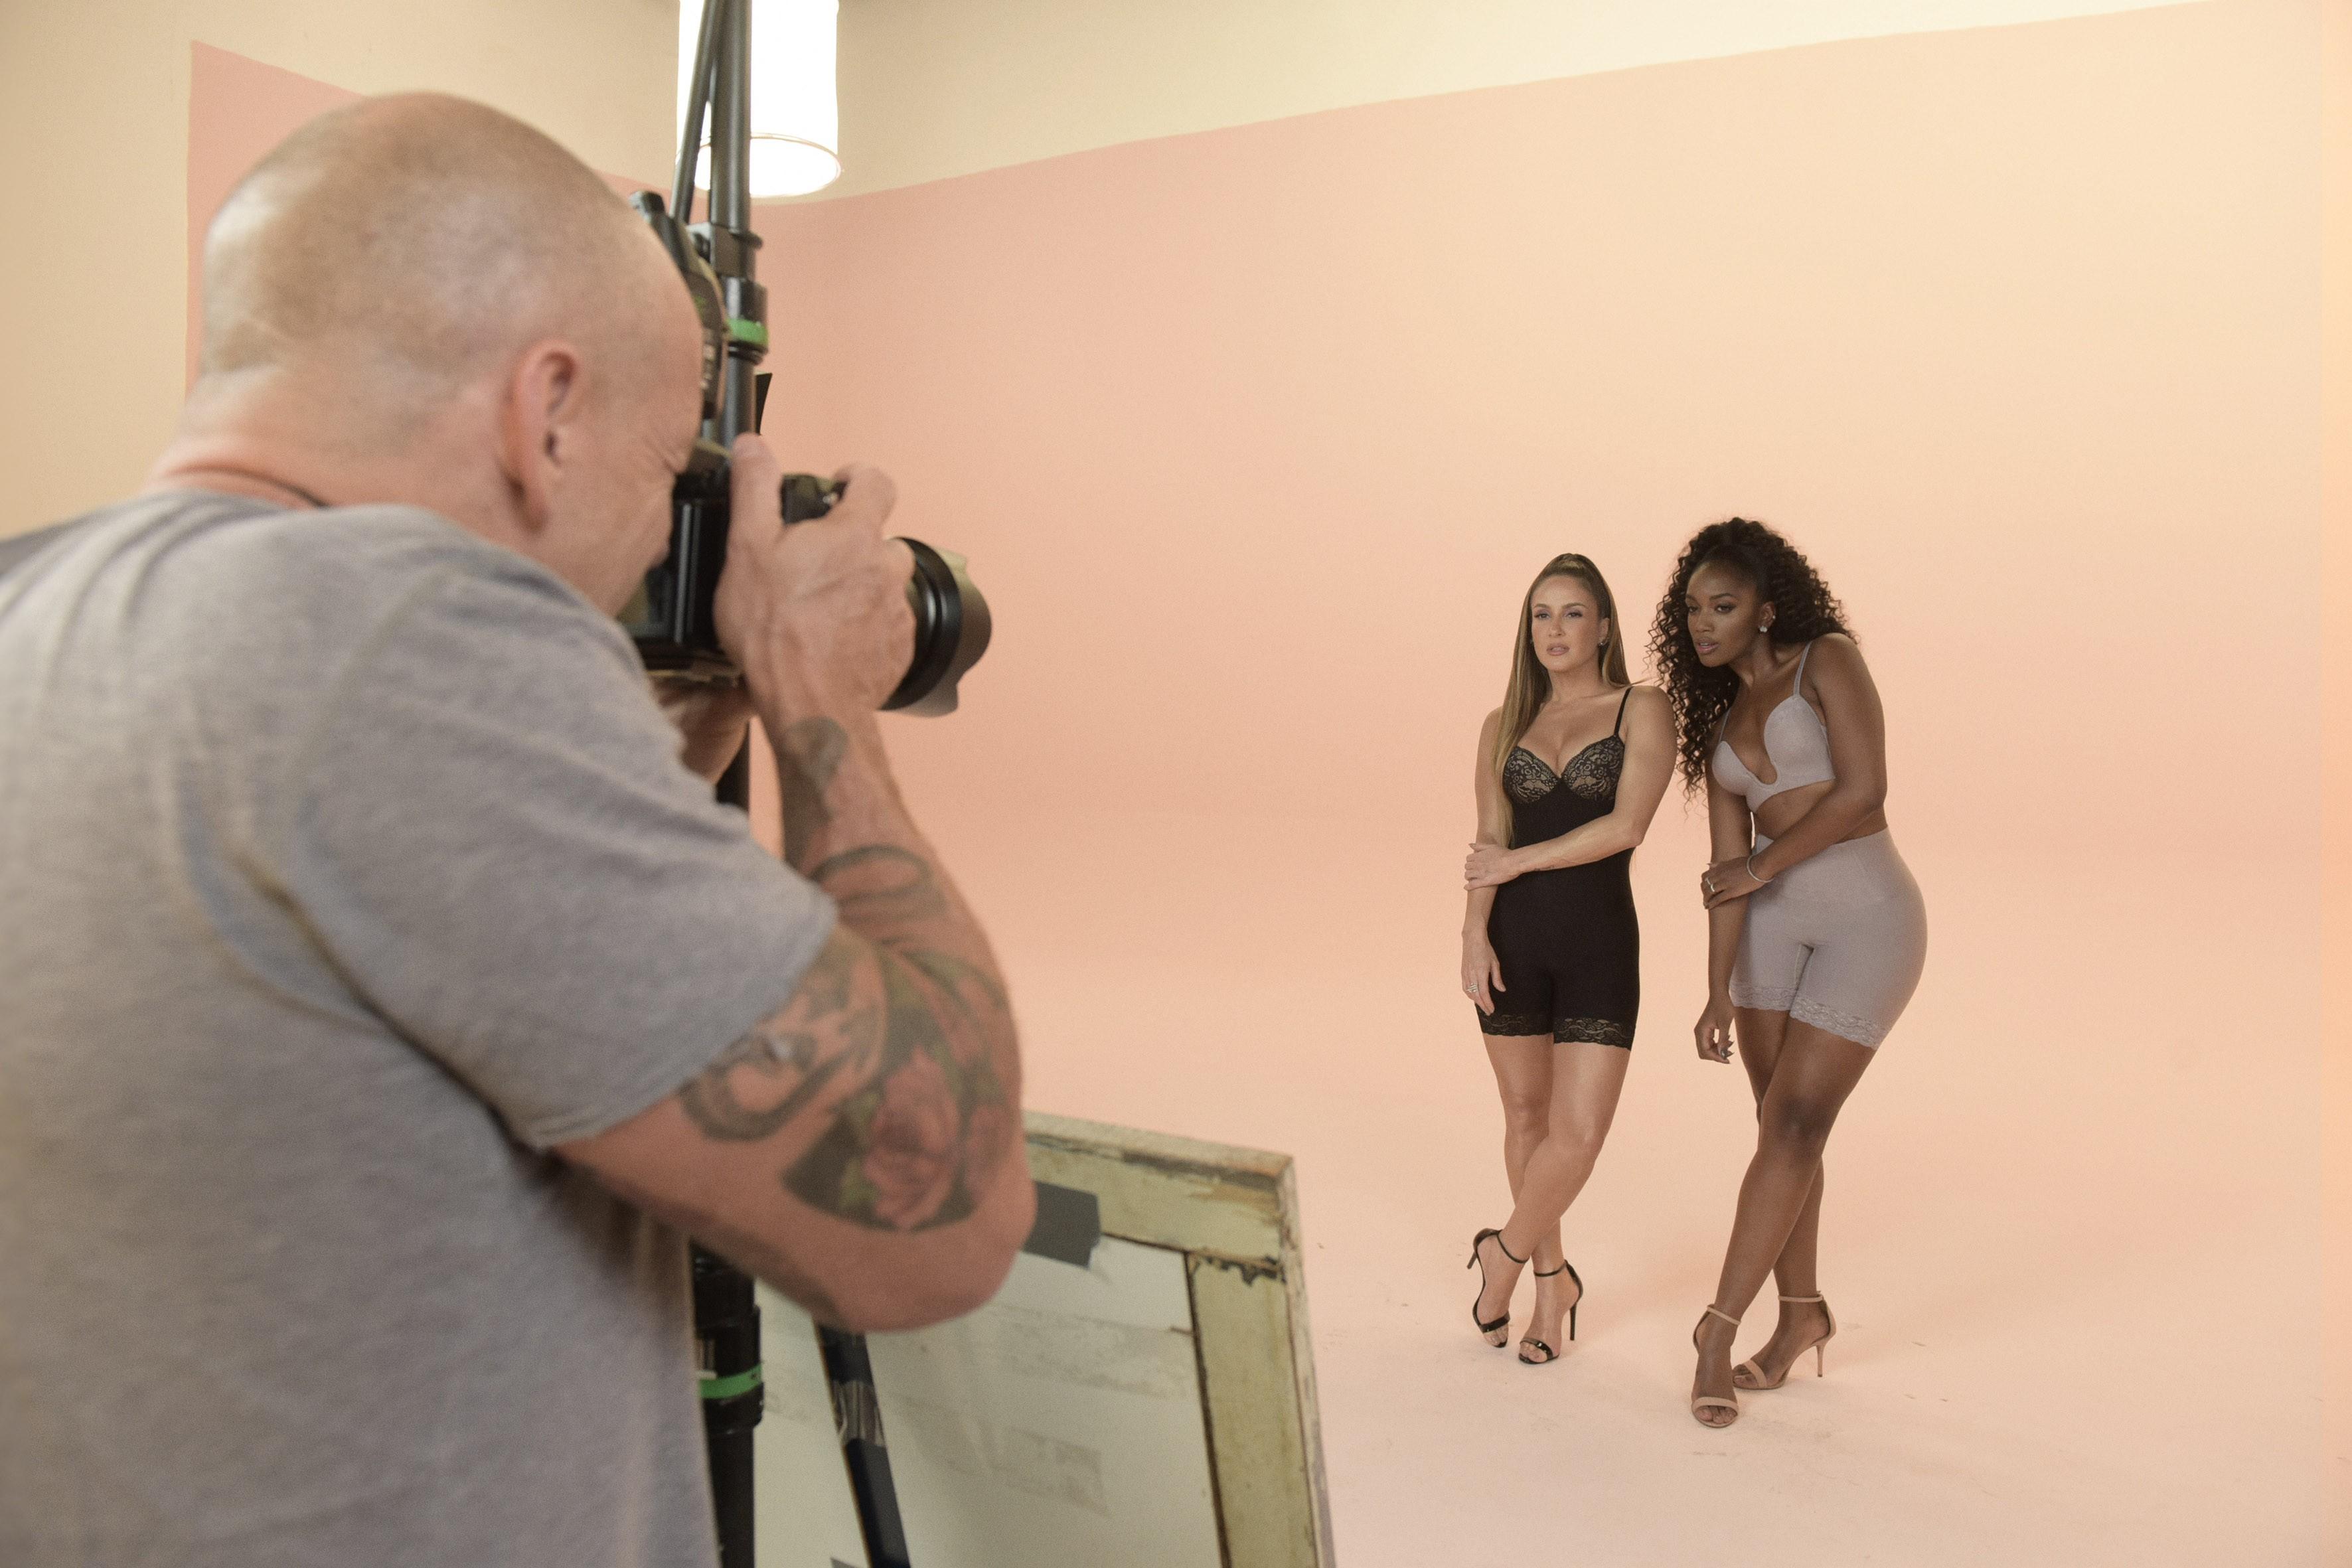 Estrelas de campanha, Cláudia Leitte e IZA prezam pelo conforto na escolha da lingerie (Foto: Divulgação/ Rodrigo Zorzi)